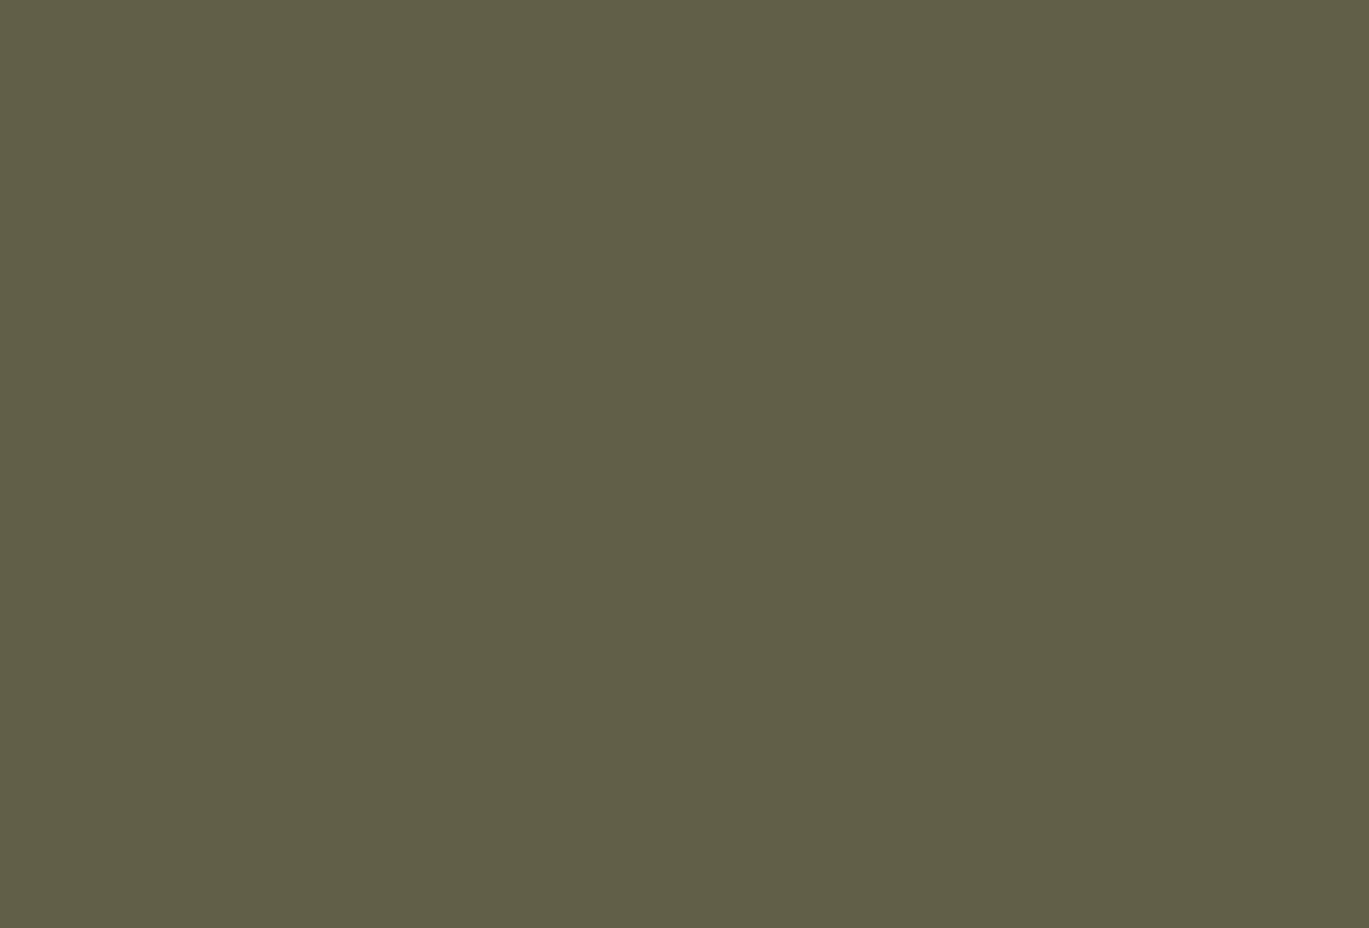 Павел Третьяков. Искусство принадлежит народу. Галерея 7. Галерея в Лаврушинском переулке